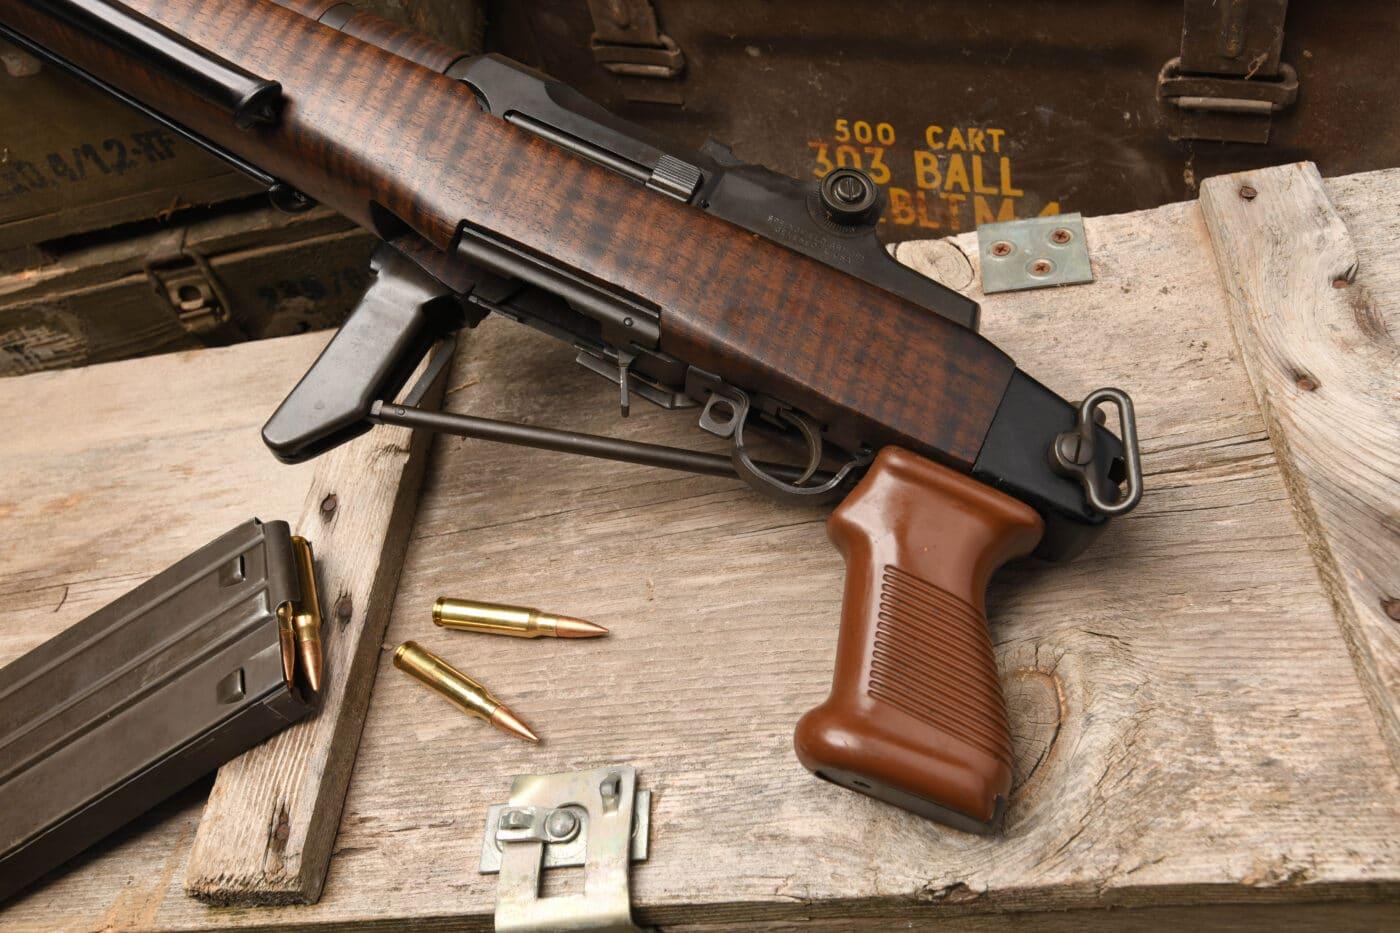 BM 59 Aplini Italian army rifle